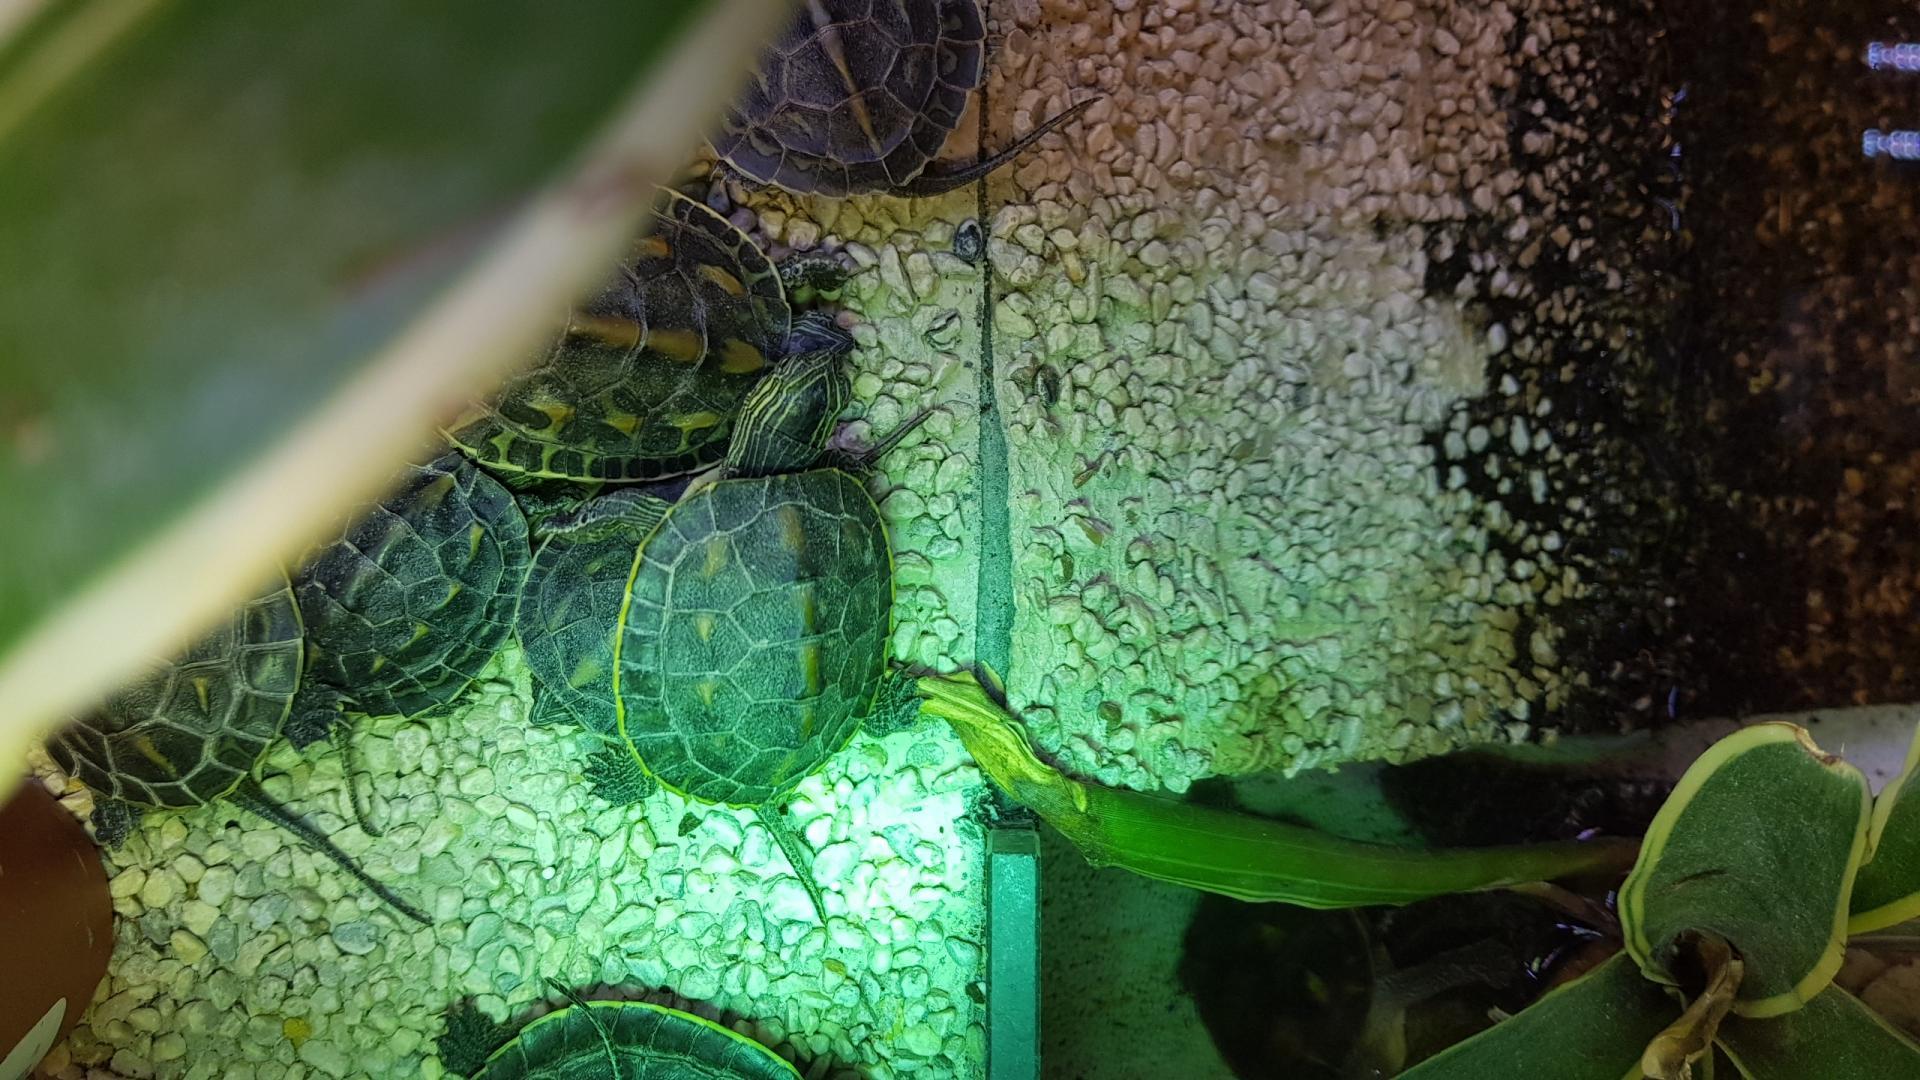 Quelle est l'espèce de ces tortues d'eau ?